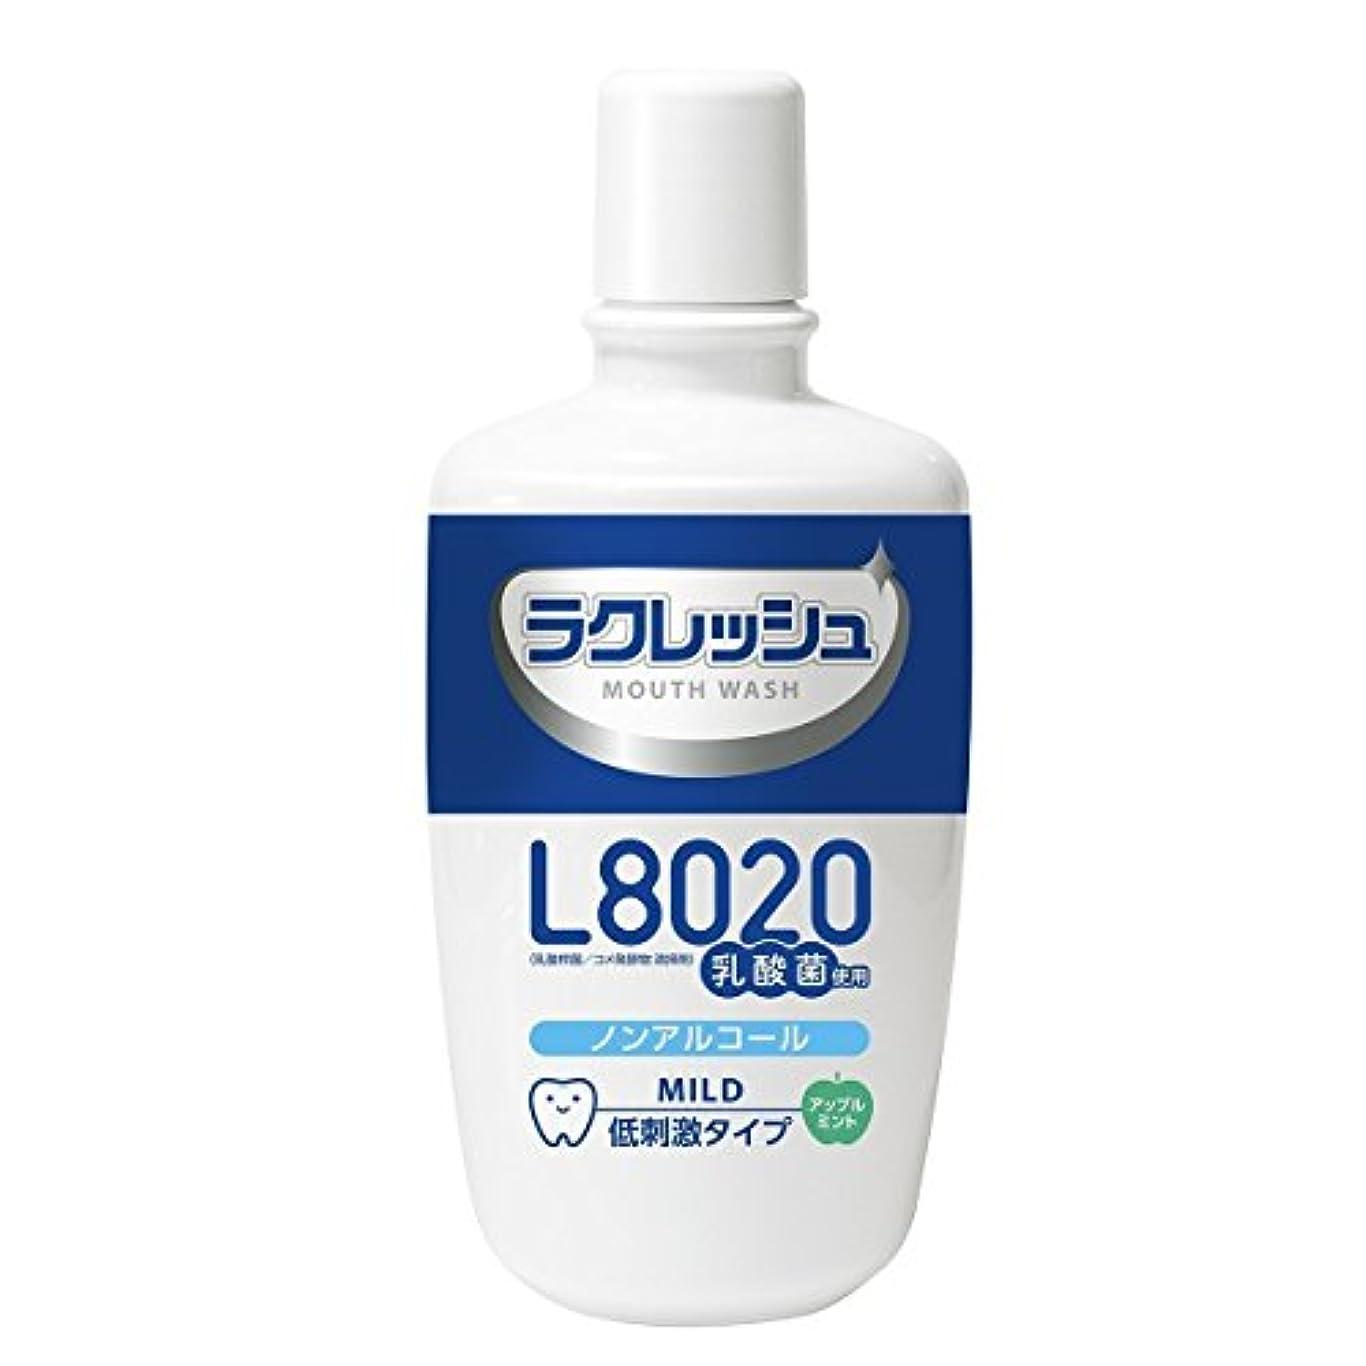 問い合わせる返済埋めるラクレッシュ L8020菌使用 マウスウォッシュ ノンアルコールタイプ 300mL×15個セット